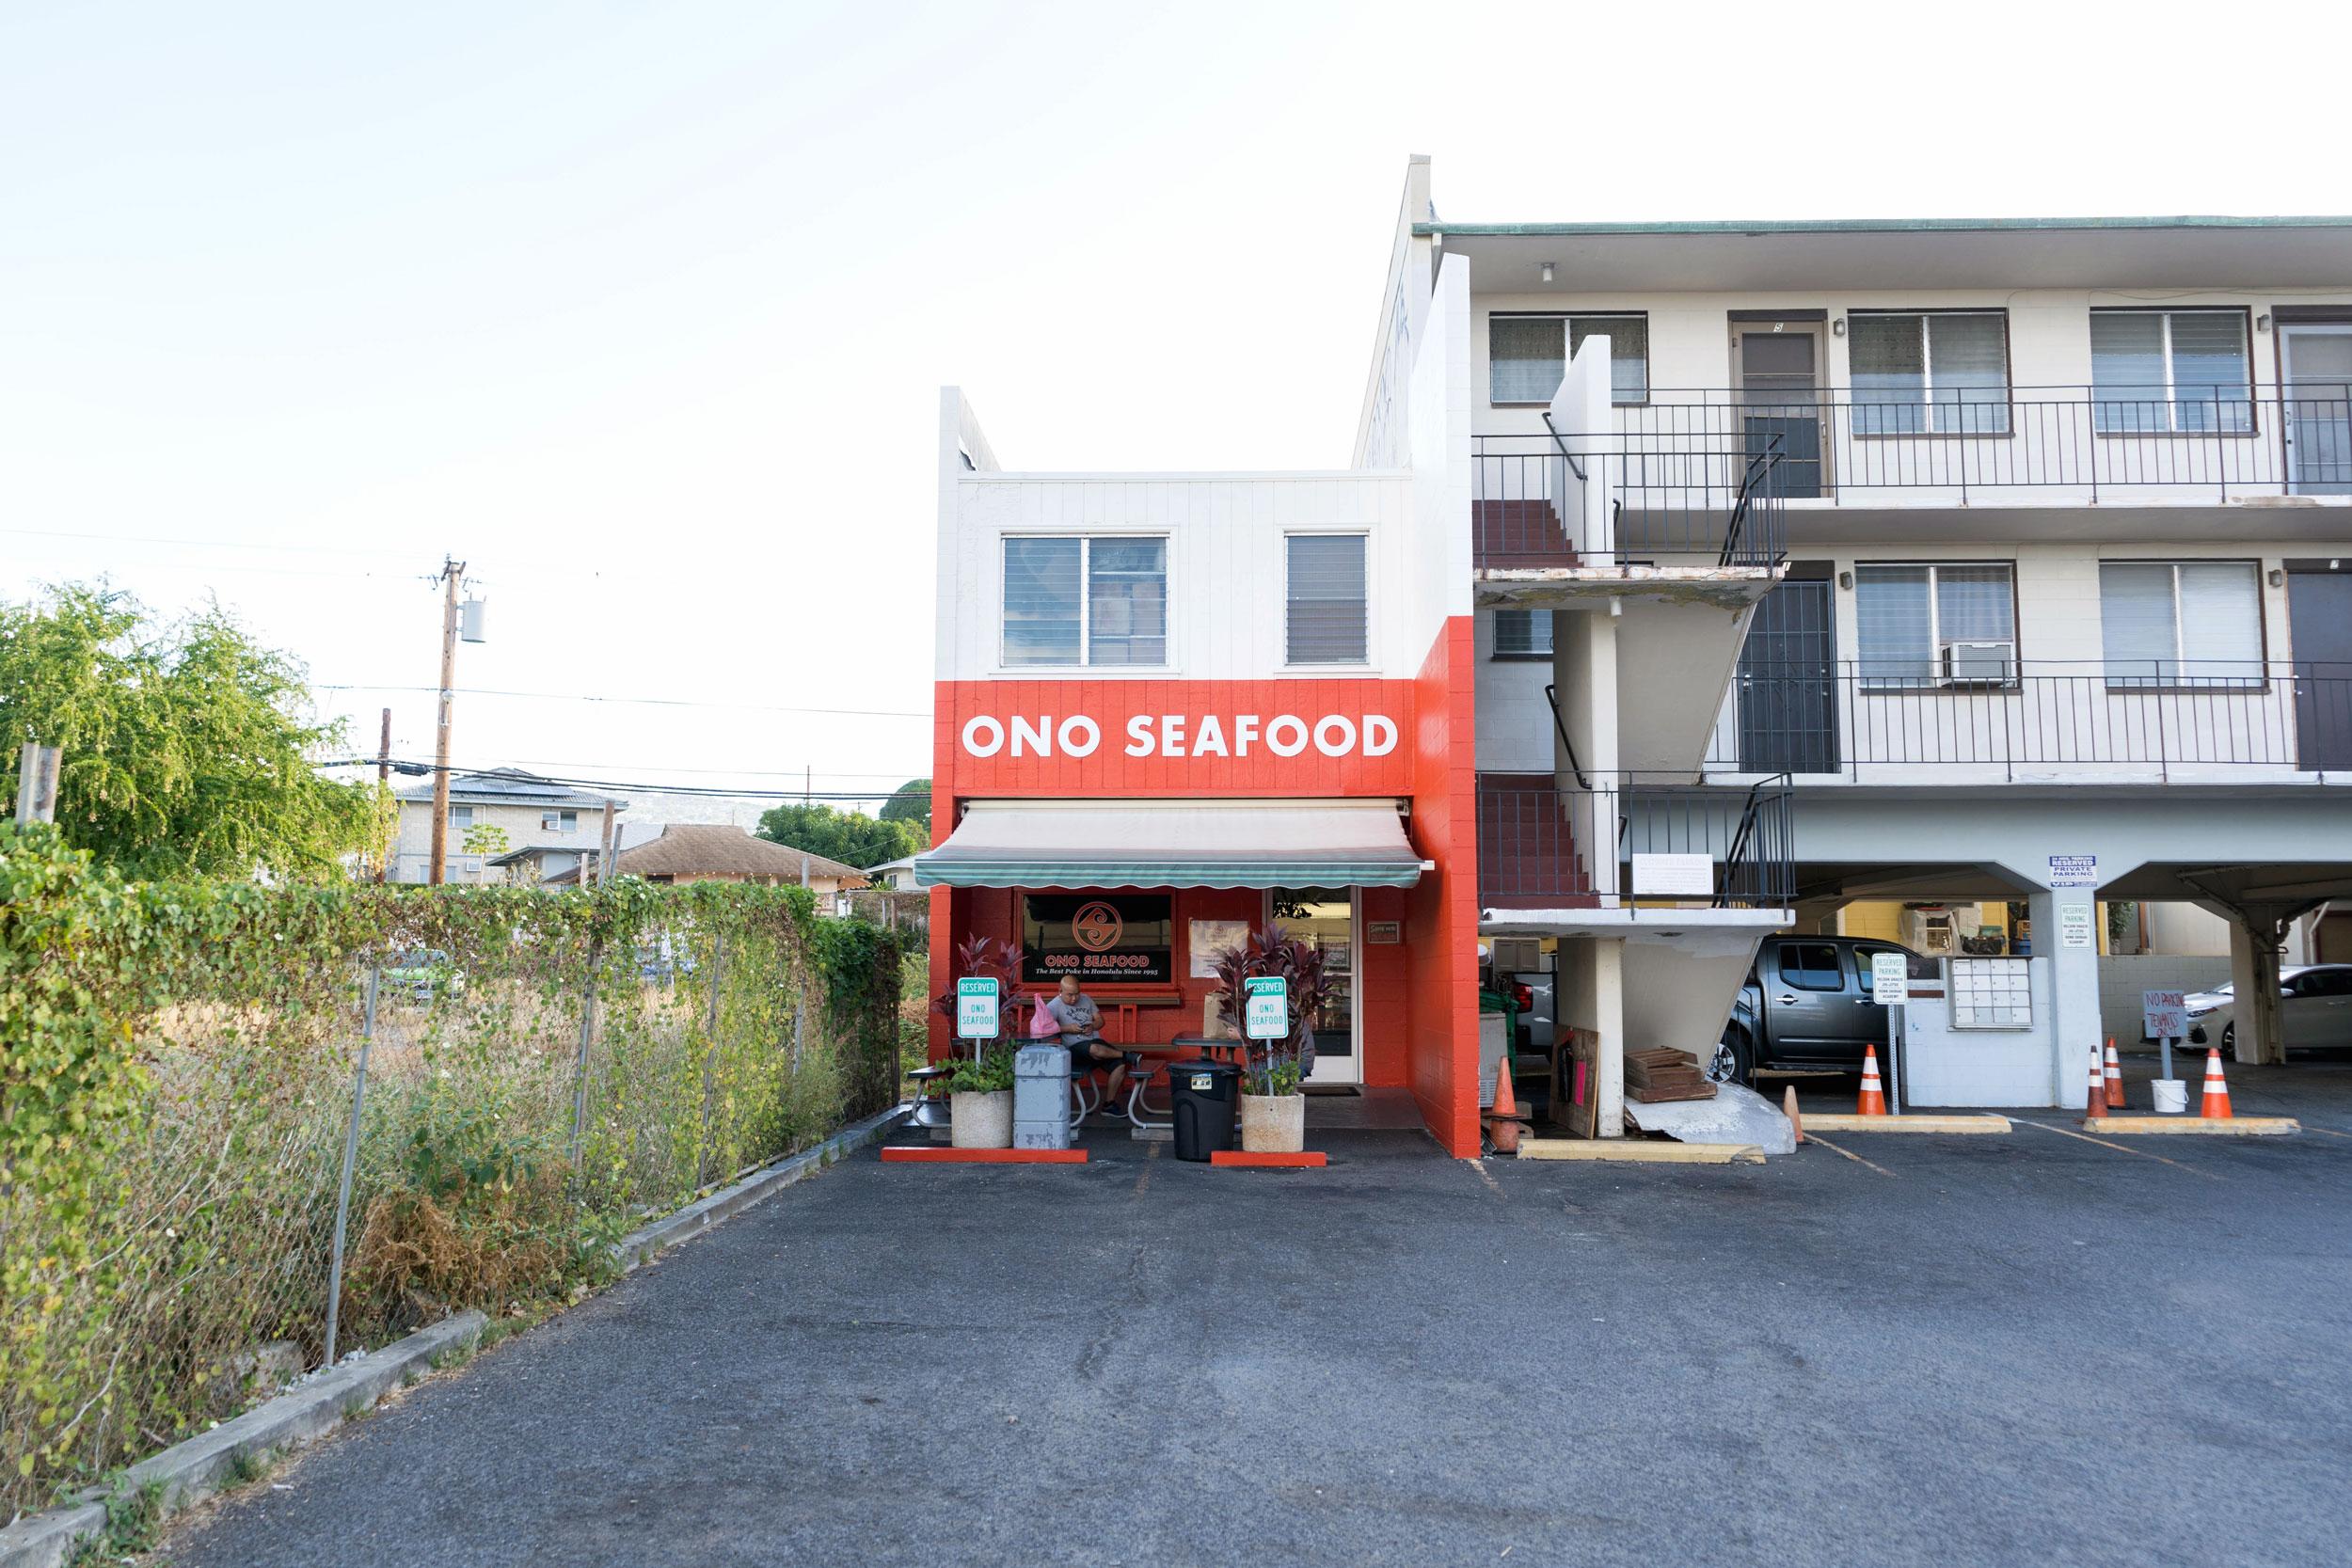 Ono Seafood shop